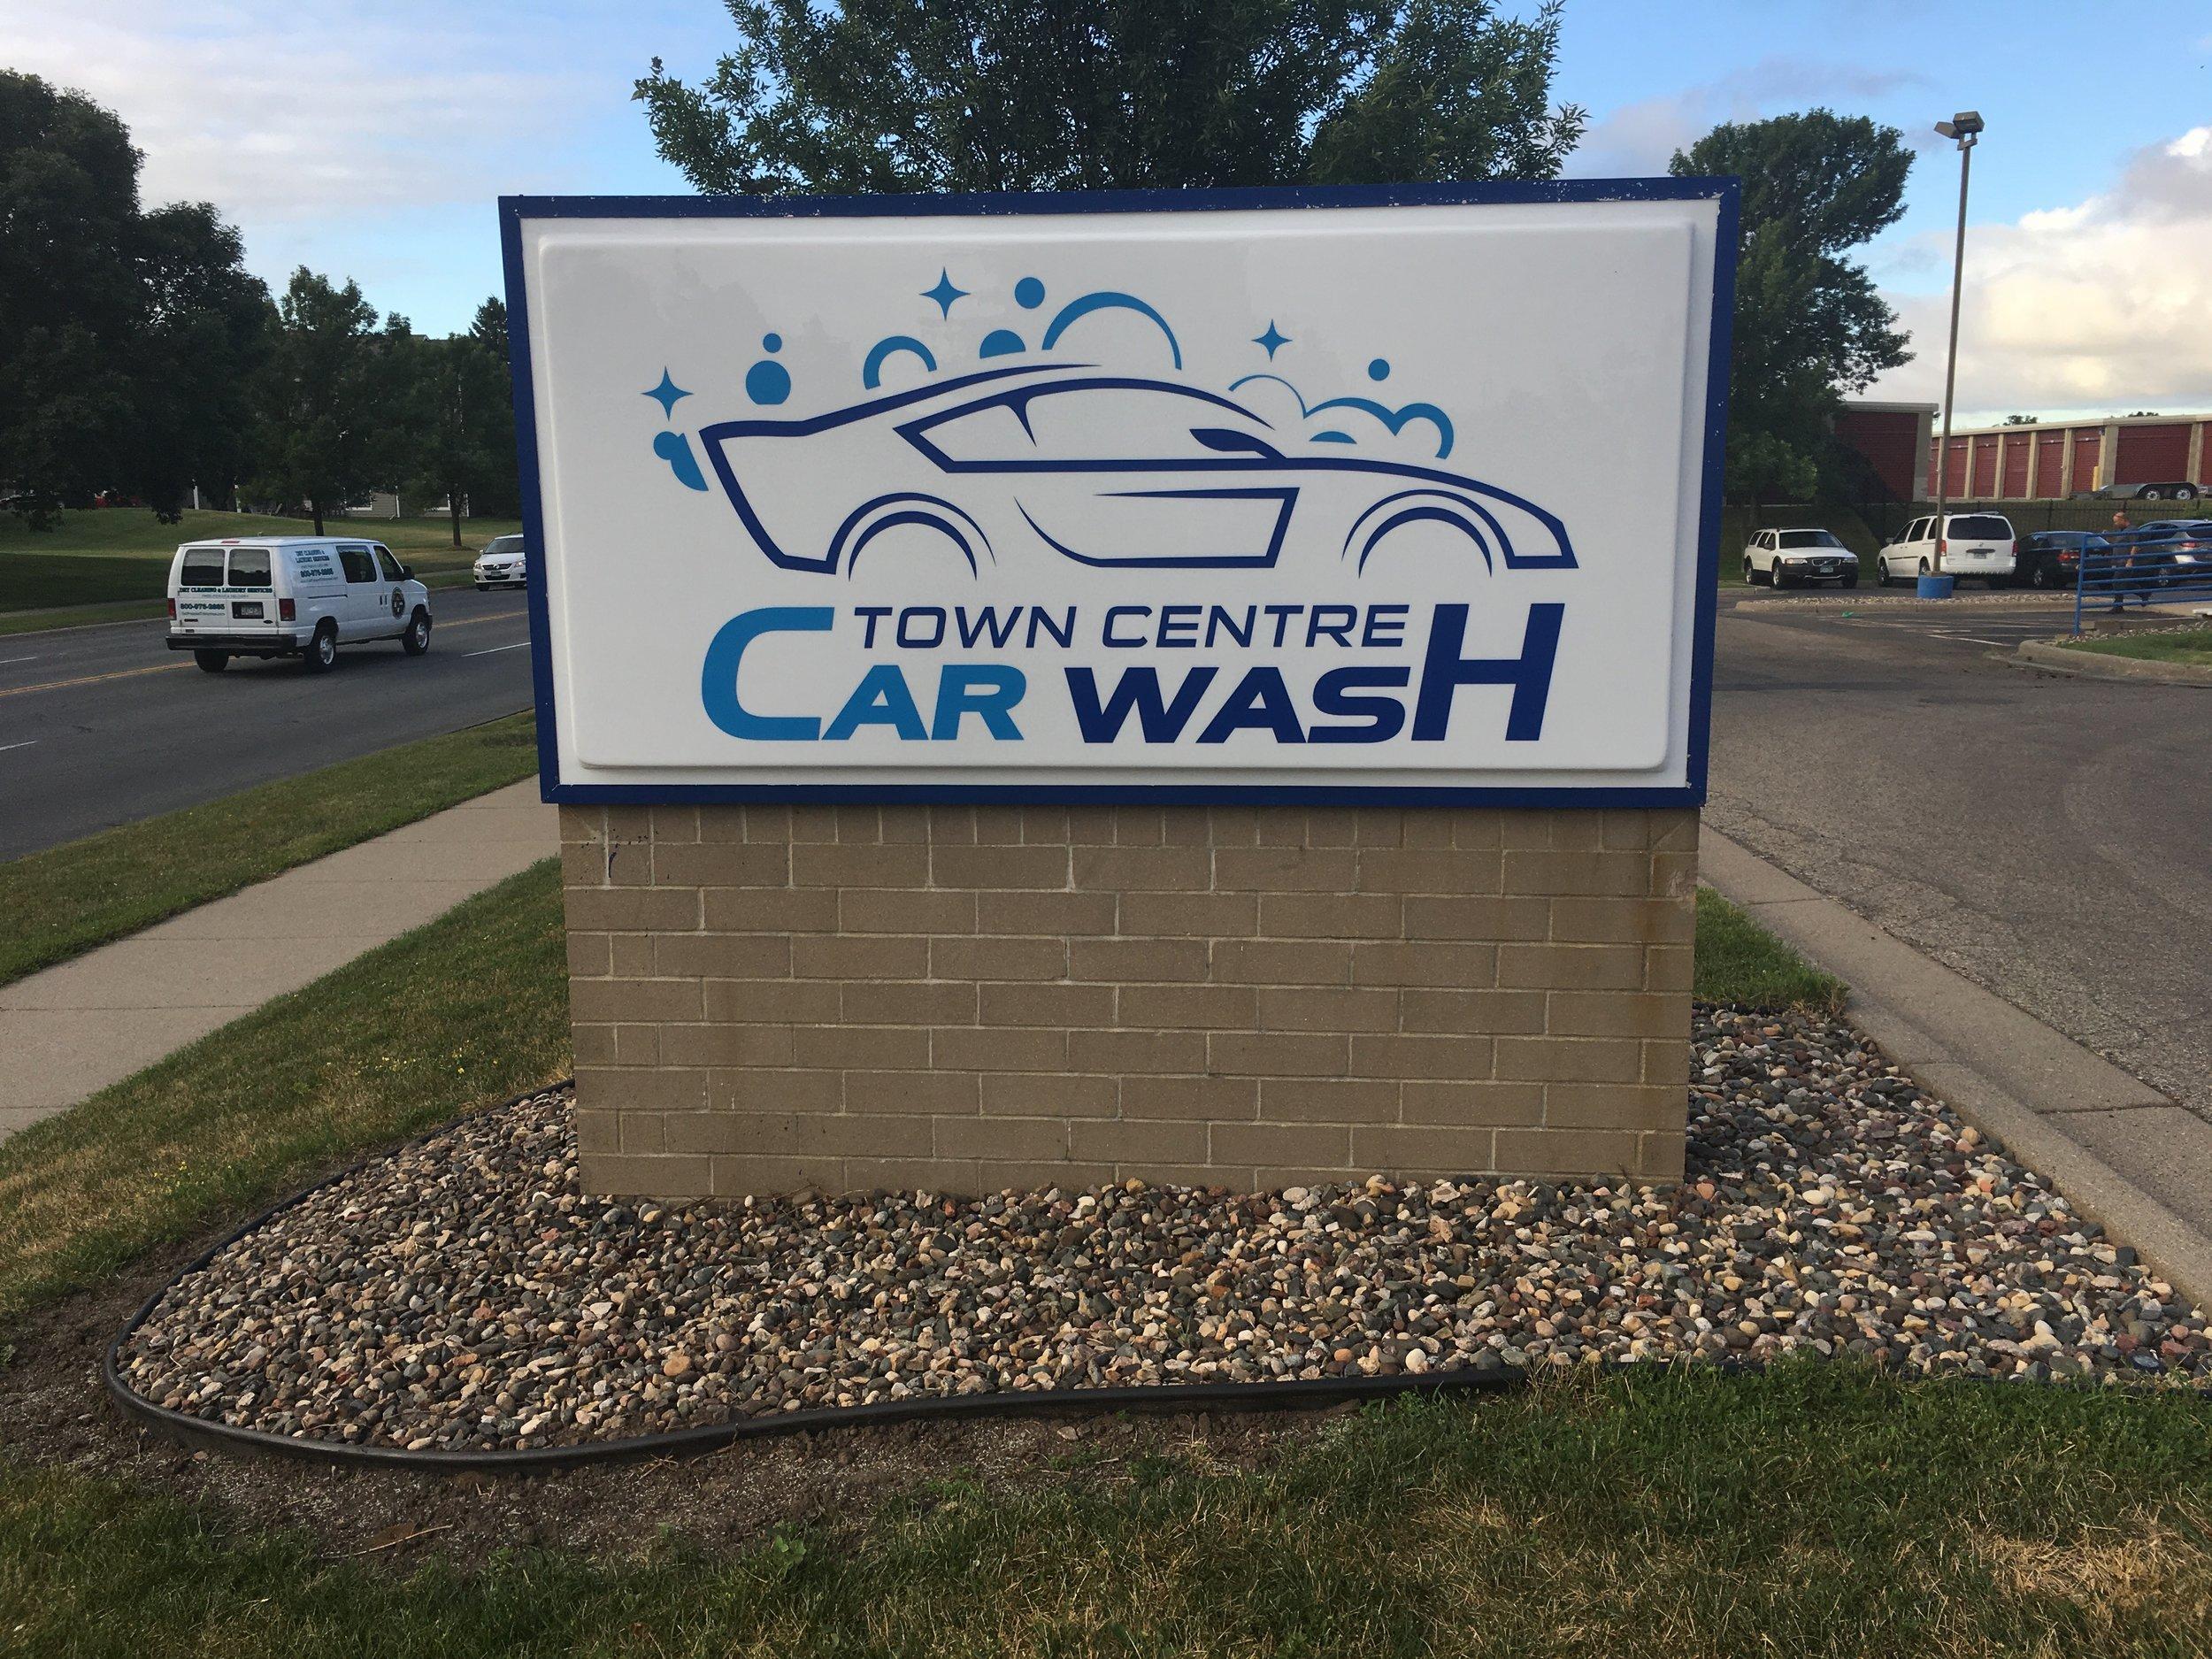 car-wash-eagan-mn-town-centre-car-wash-00.jpg